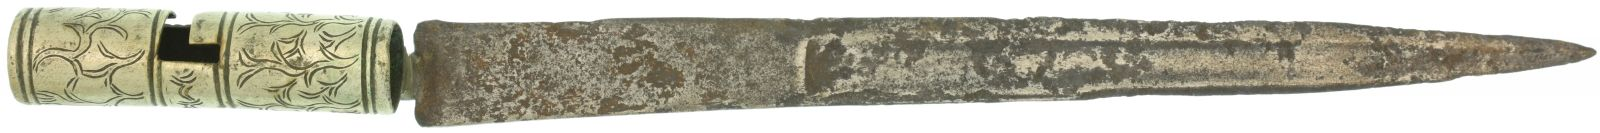 Auktionshaus Kessler | 46. Ostschweizer Waffen Auktion von